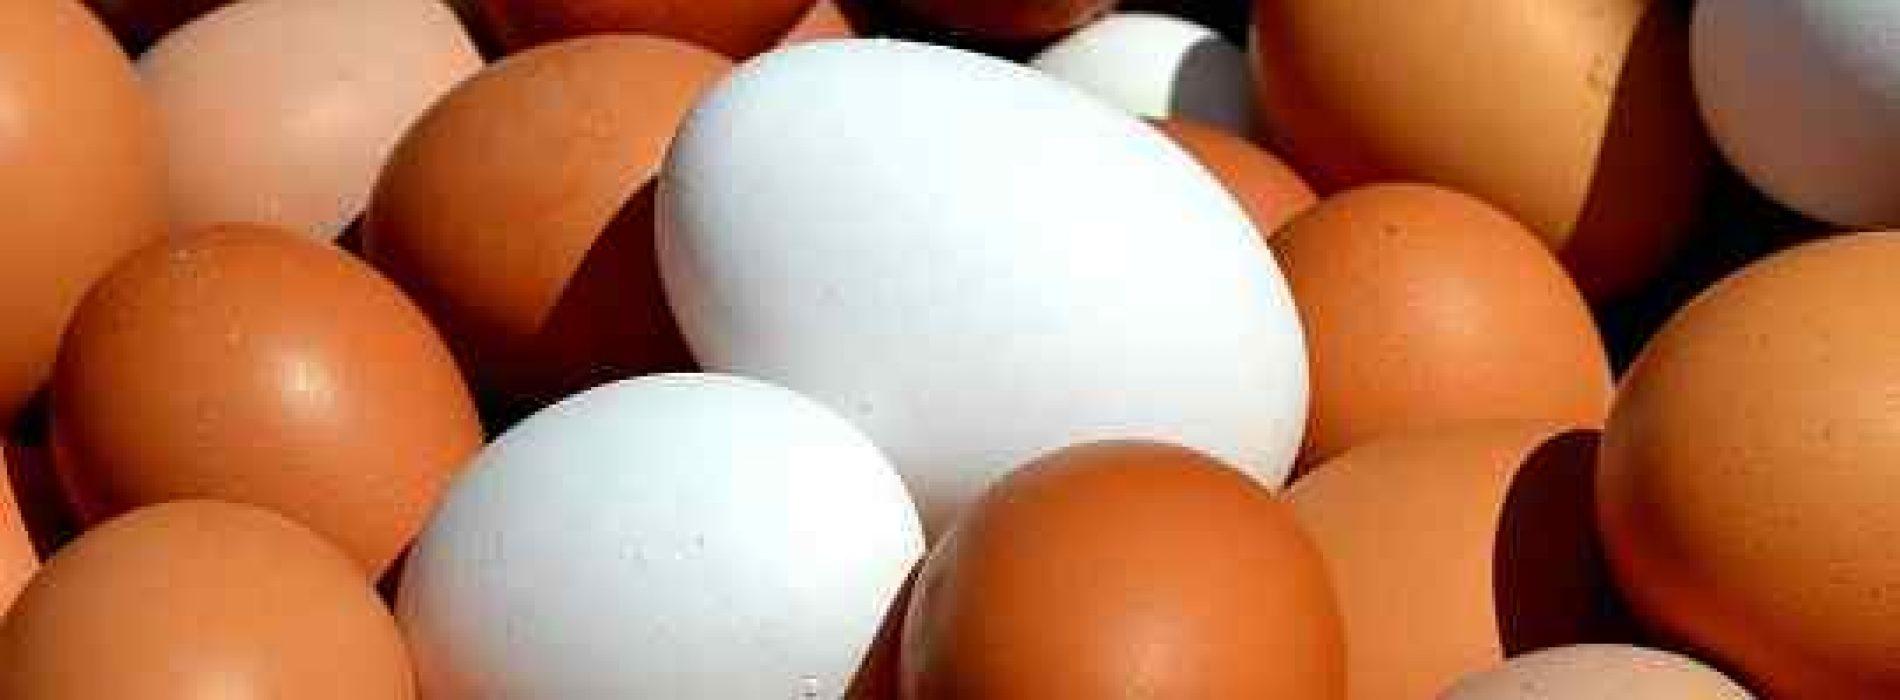 Hvor mange kalorier er det i et egg?